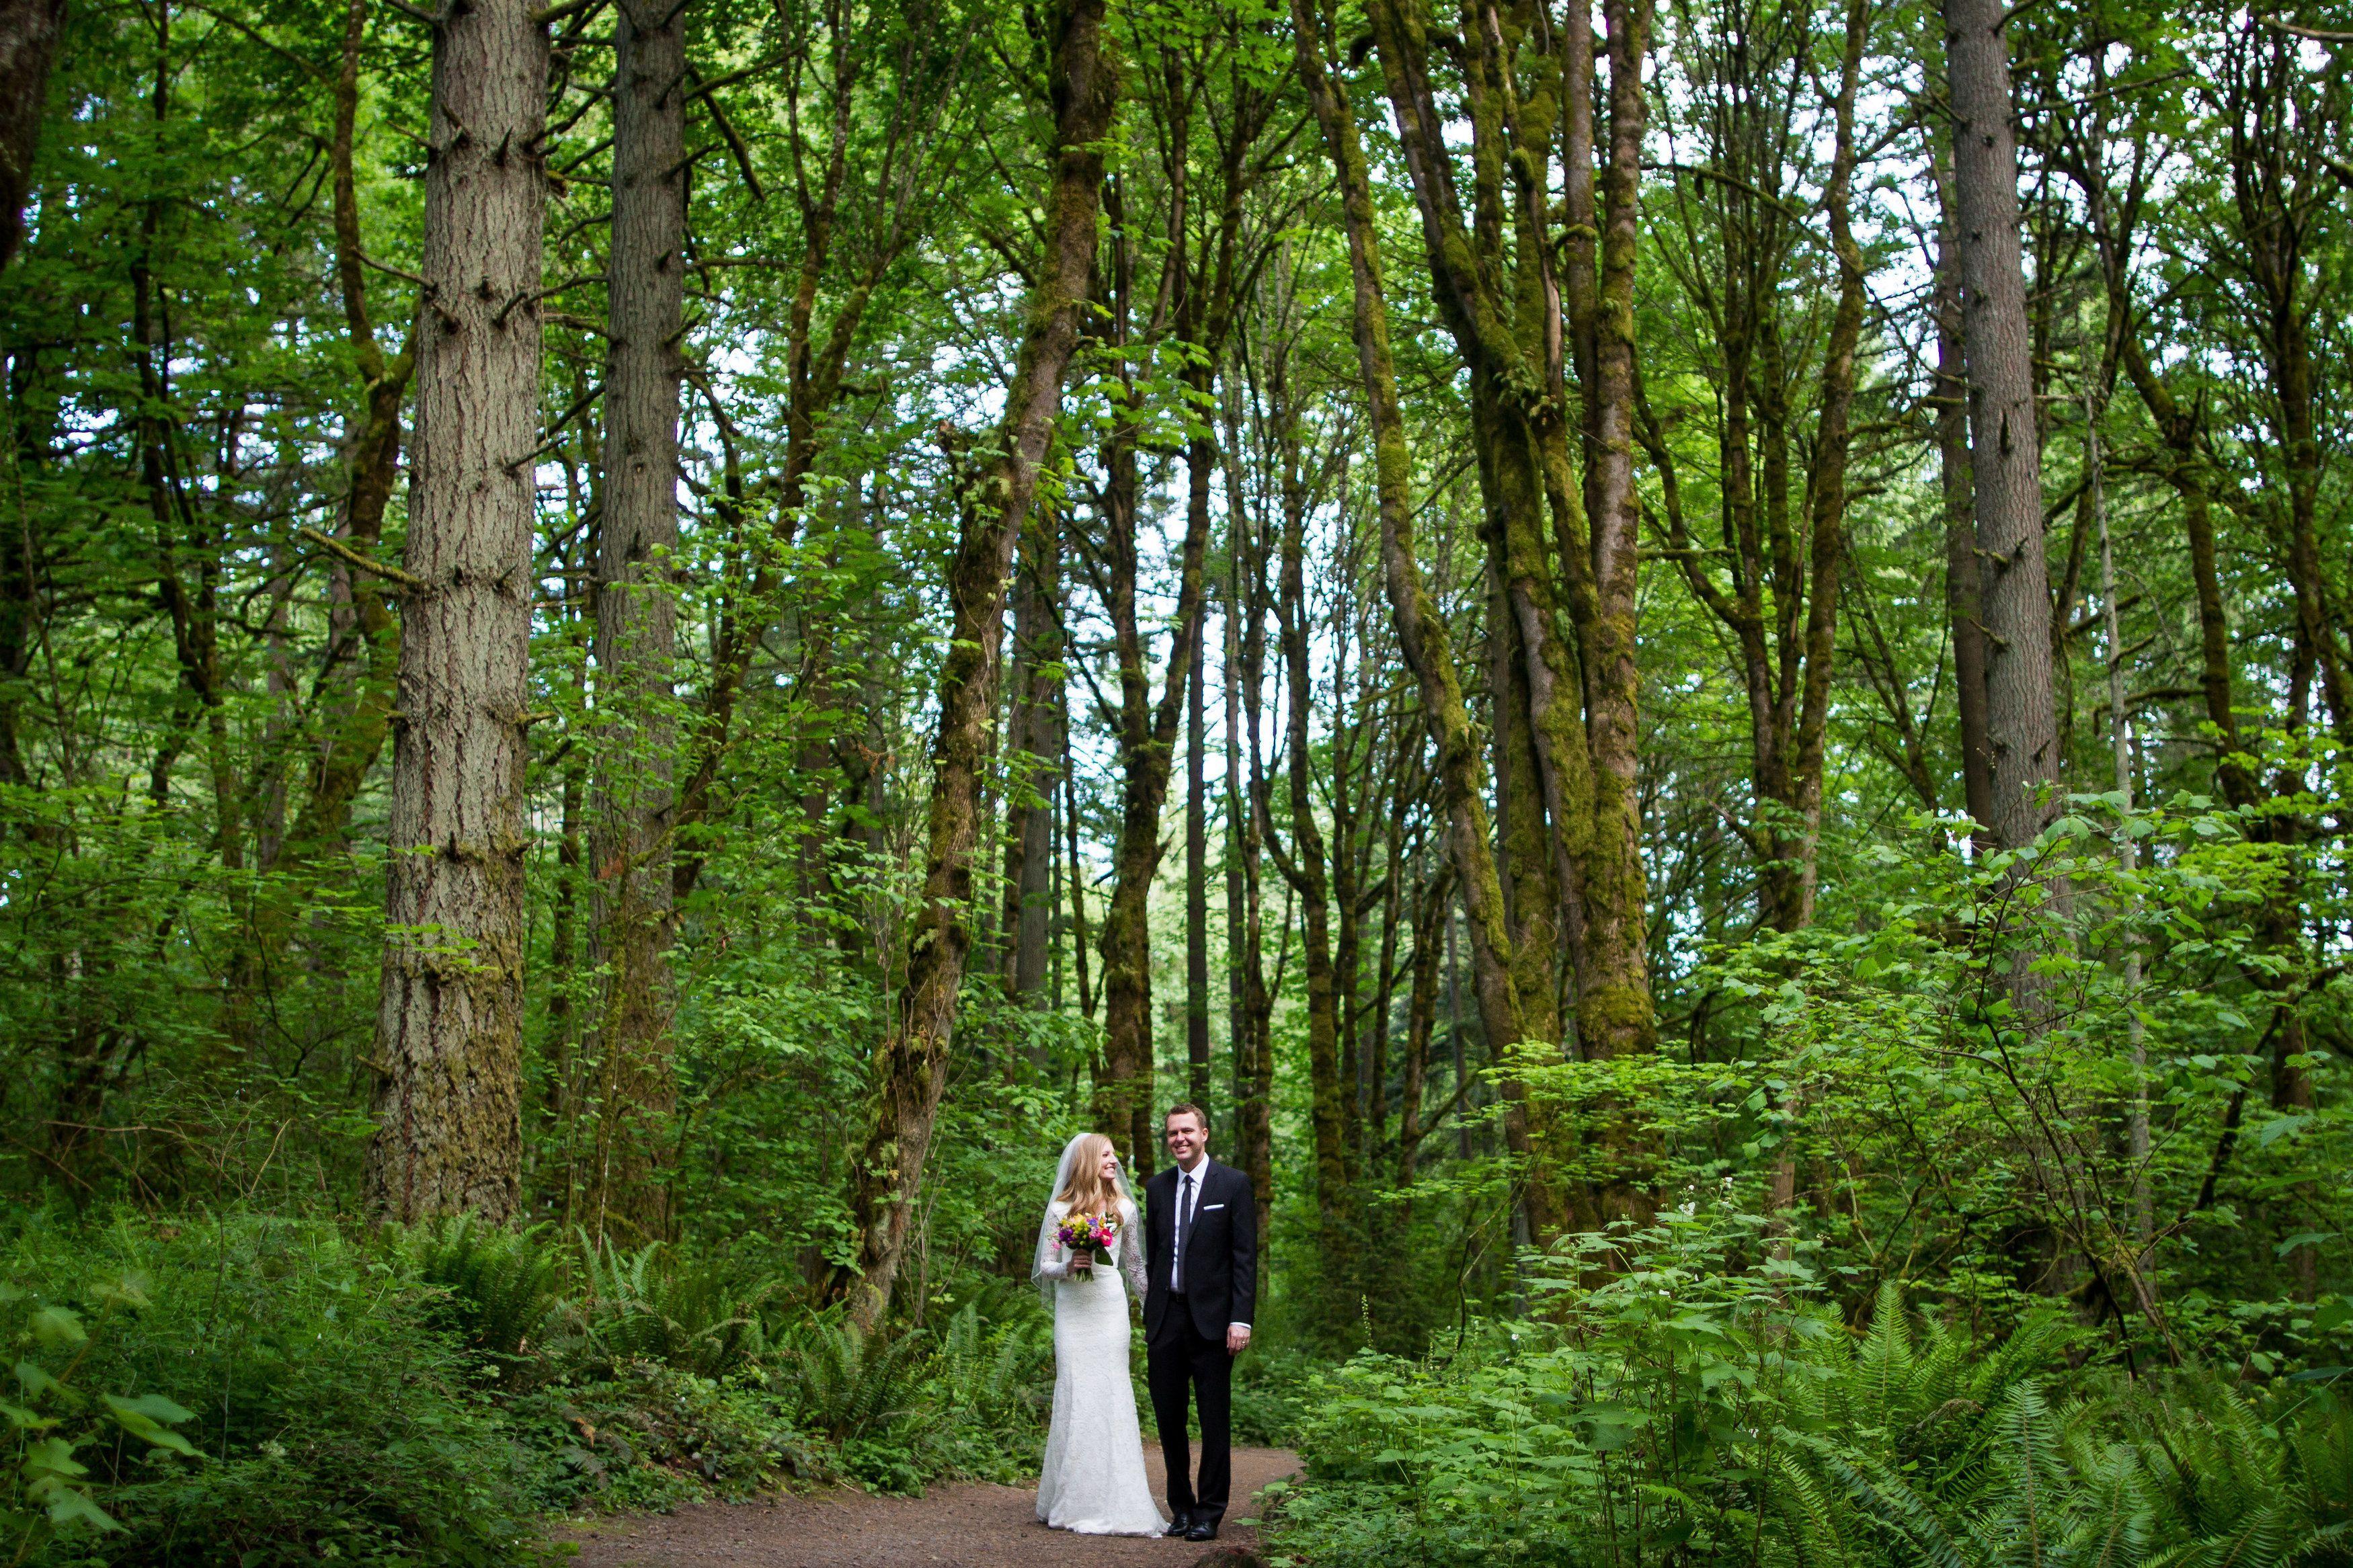 50s wedding decoration ideas  A Classic GardenInspired Wedding at Glenn u Viola Walters Cultural